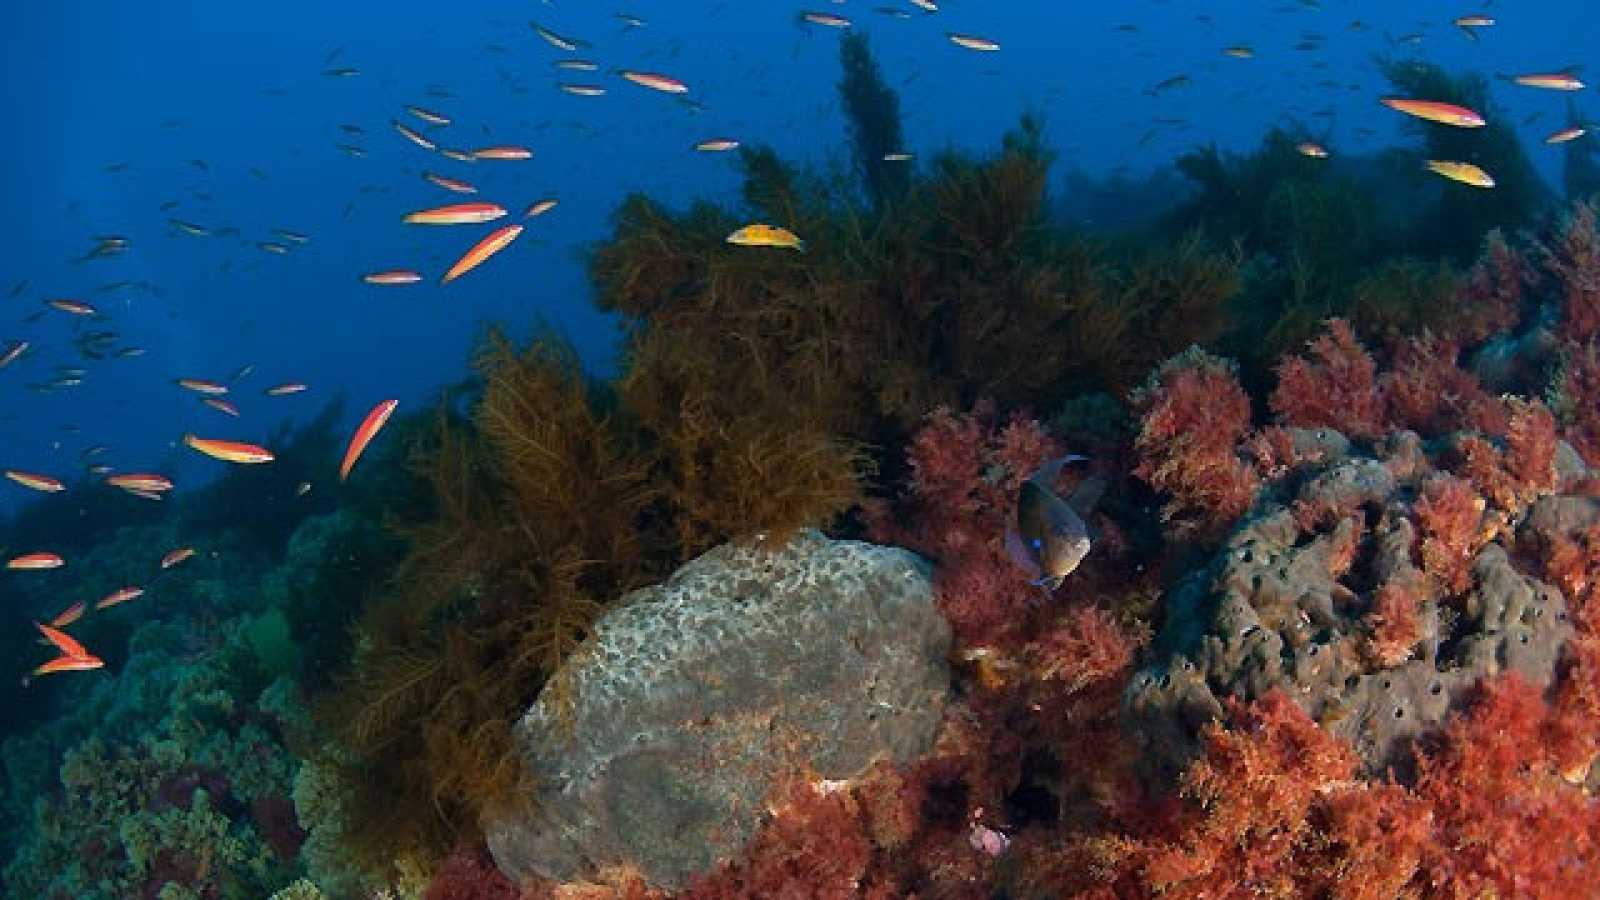 La montaña submarina de Gorringe